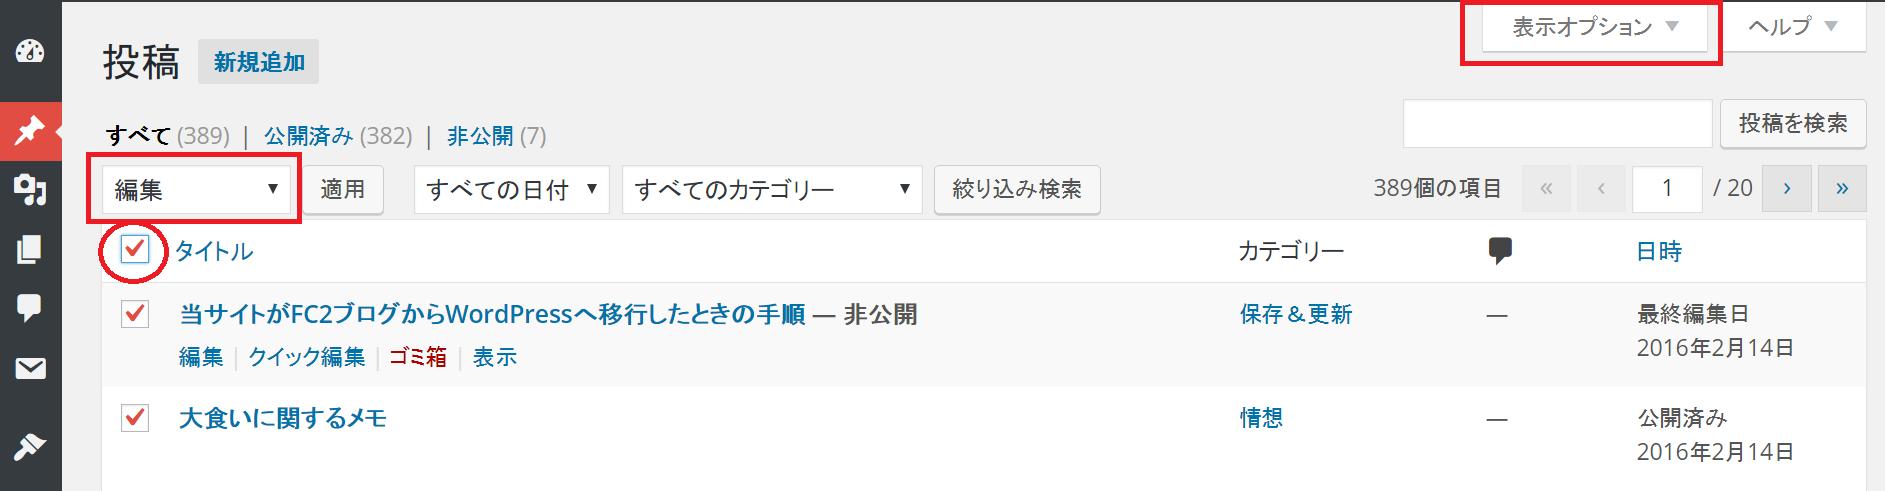 当サイトがfc2ブログからwordpressへ移行したときの手順 myus s memory